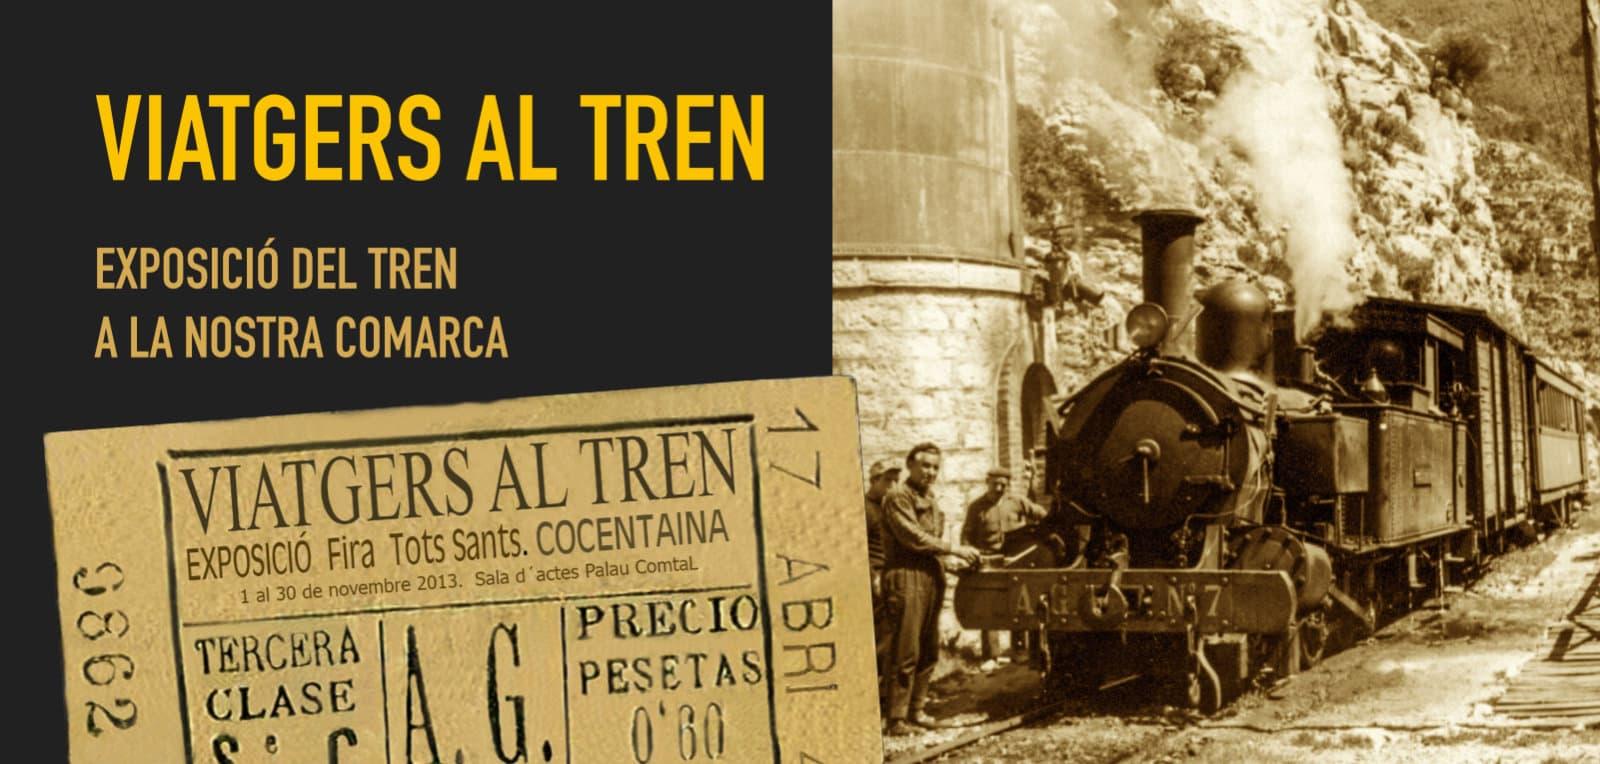 Viatgers al Tren